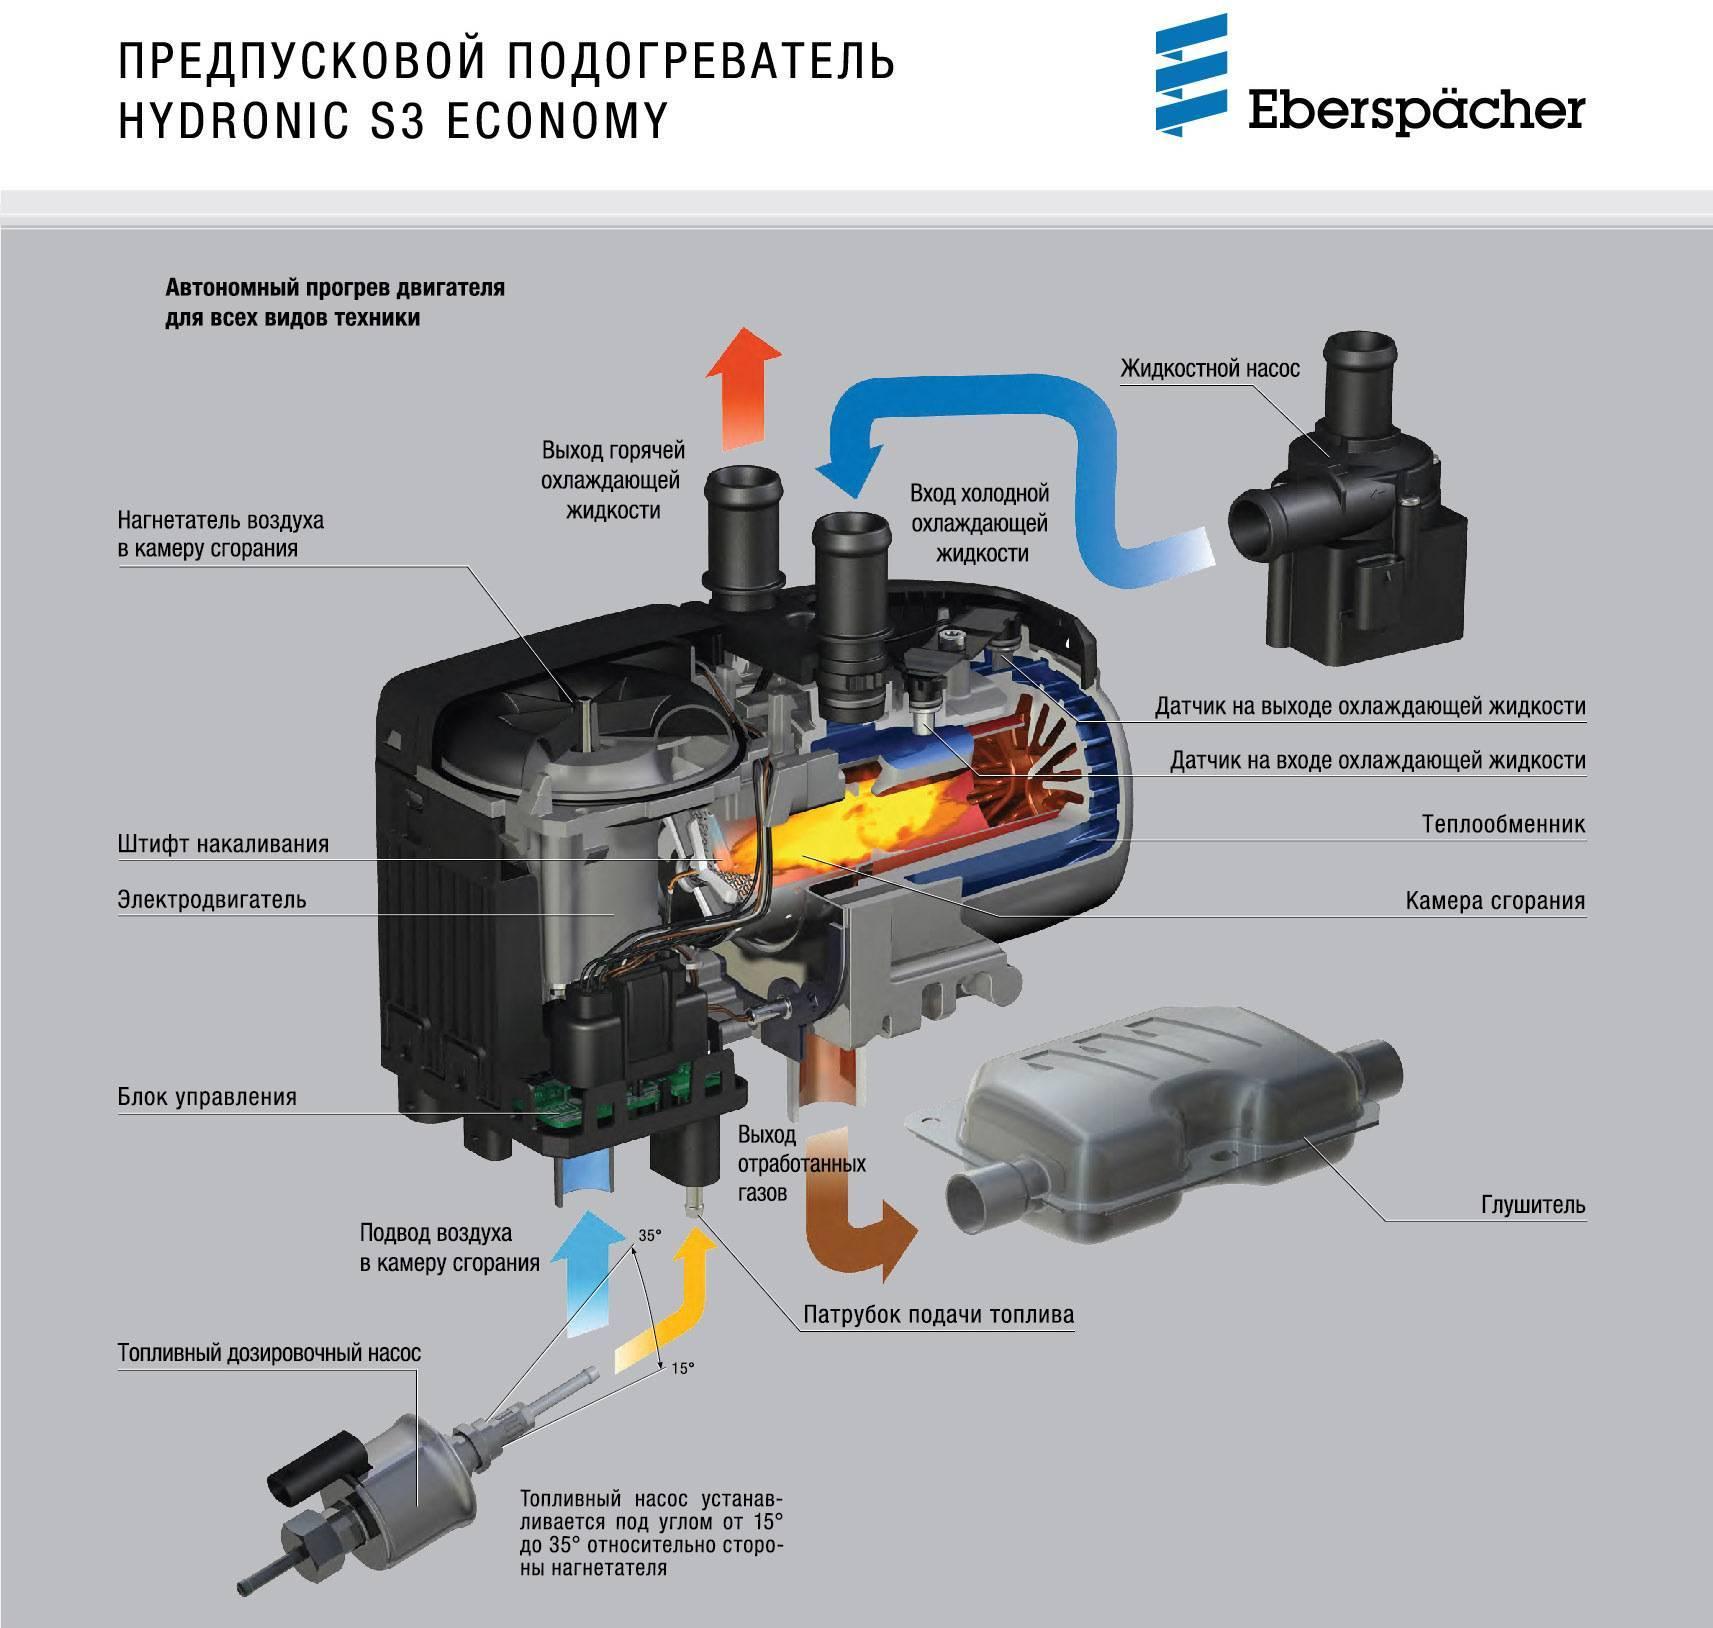 Предпусковые подогреватели двигателя 220в с помпой - рейтинг 2018-2019 года